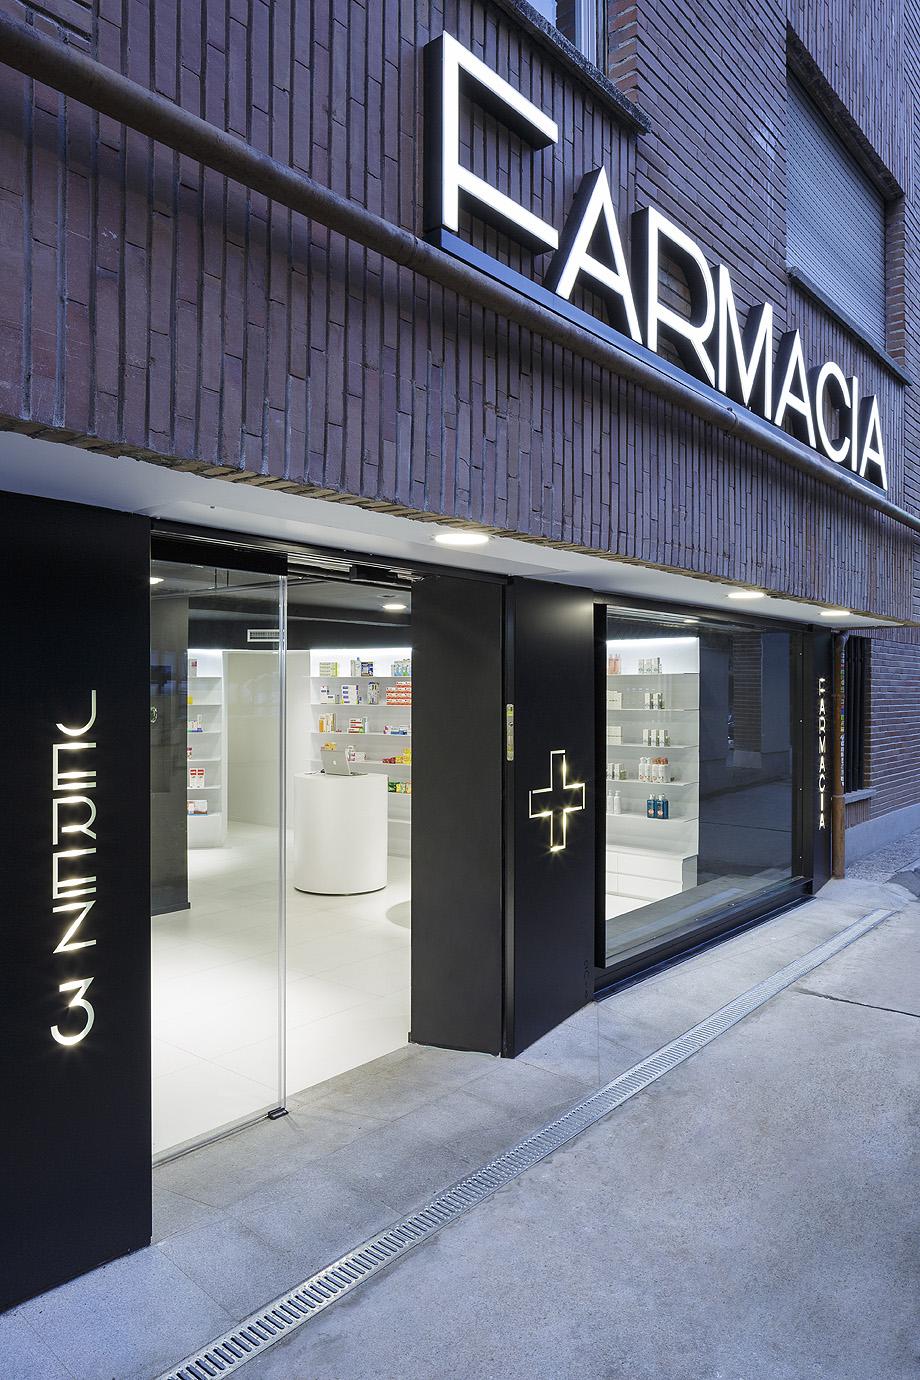 farmacia j3 de ciria alvarez arquitectos - foto fernando andres (11)